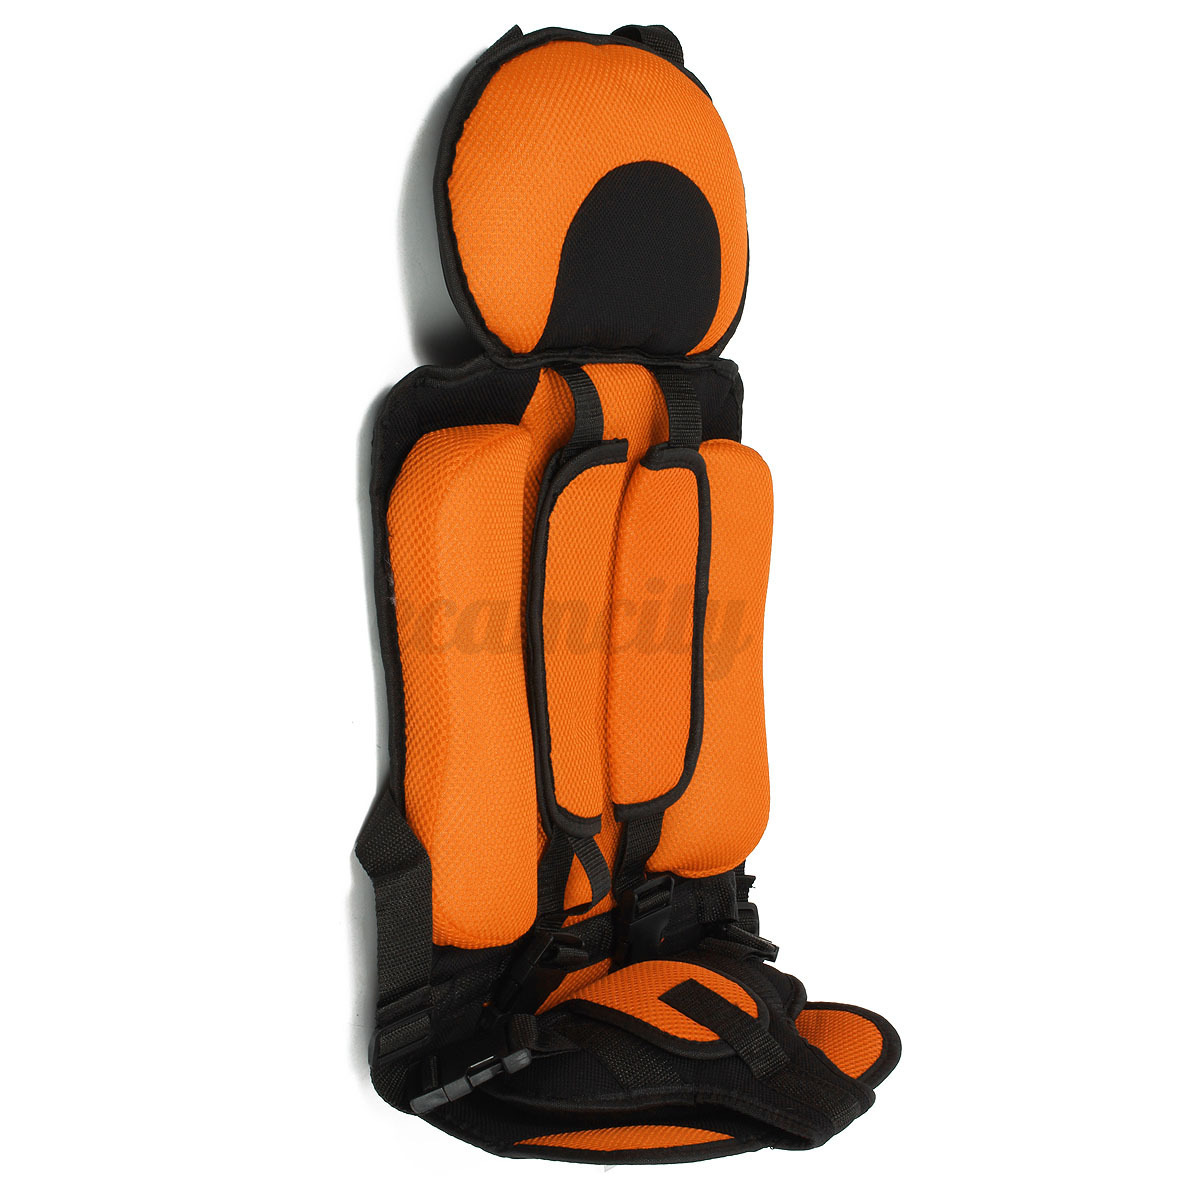 Silla de coche asiento para beb ni os seguridad viaje for Silla de seguridad ninos